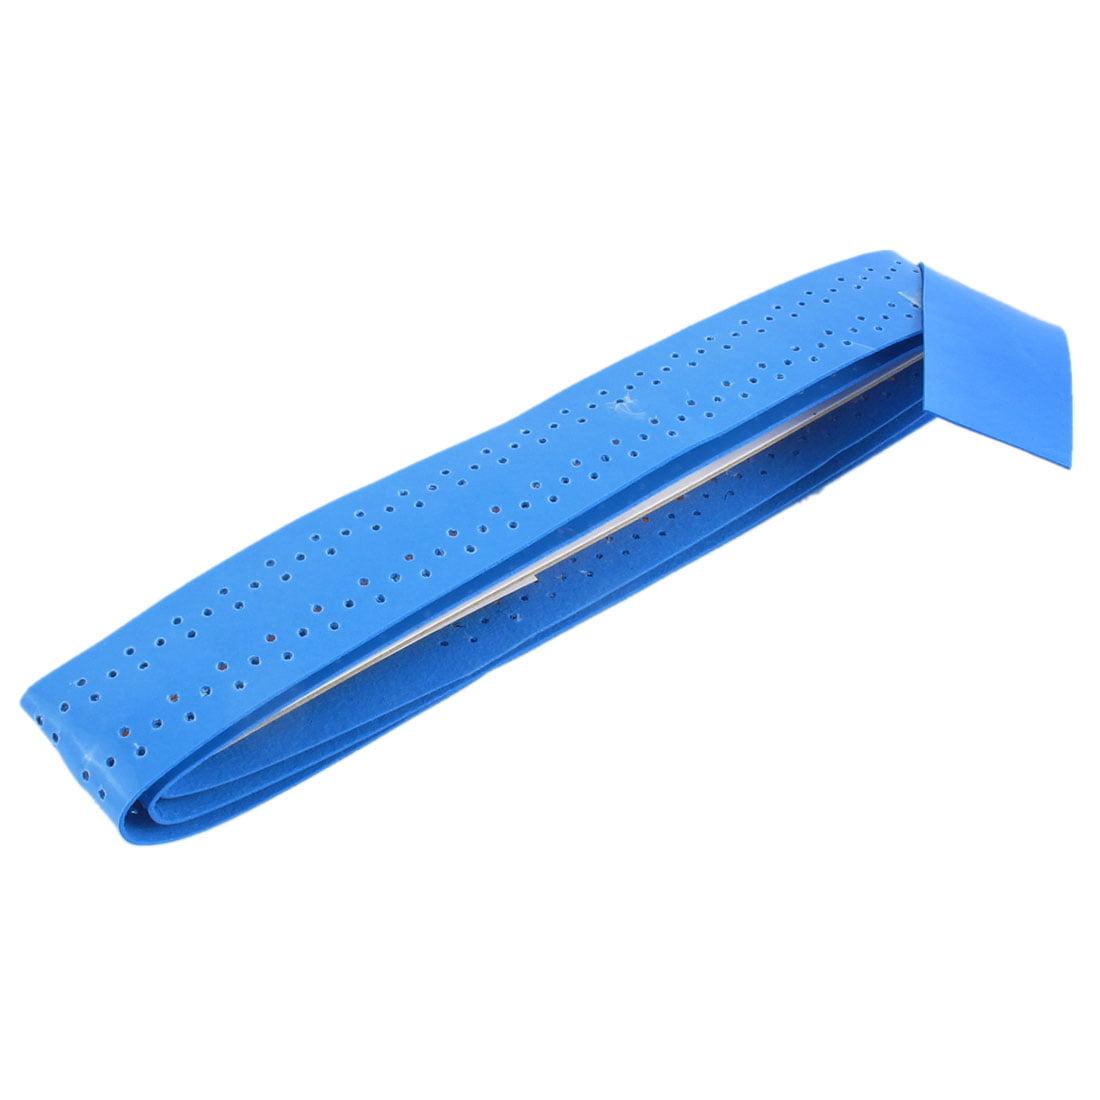 Unique Bargains 110cm Long Sweat Absorbing Soft Foam Grip Tape Blue for Squash Badminton Tennis Racket